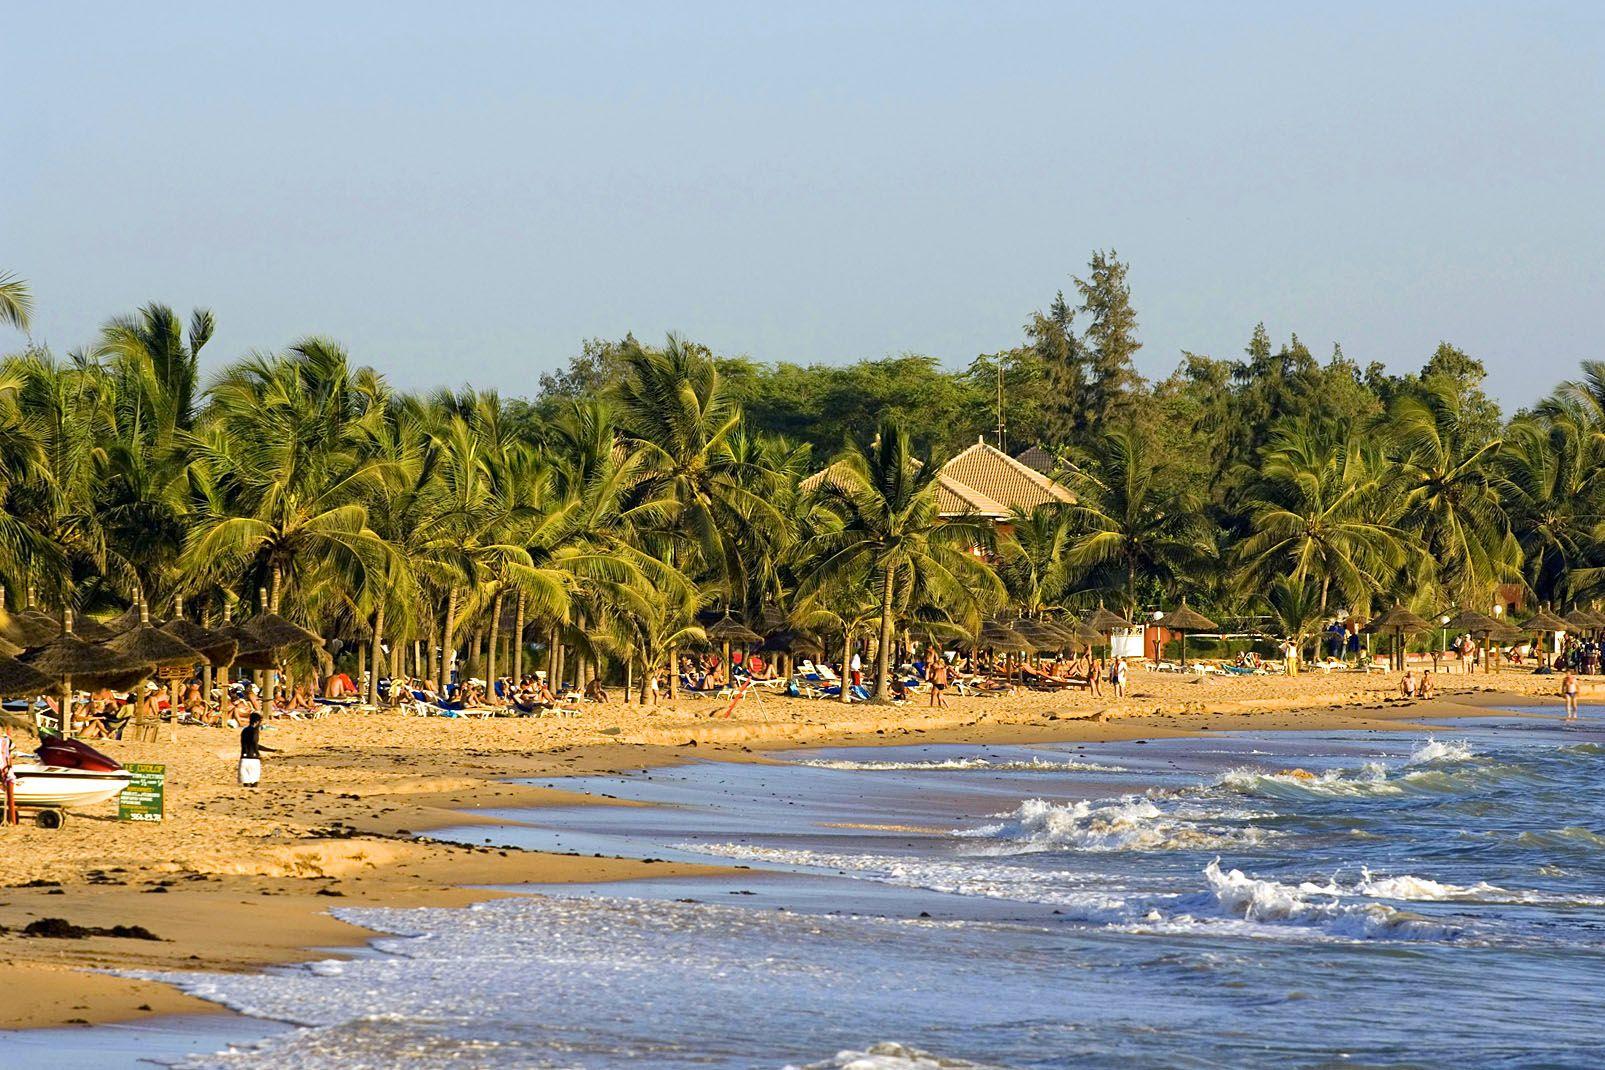 afrique, senegal, saly, côte, plage, sable, mer, saly, petite côte